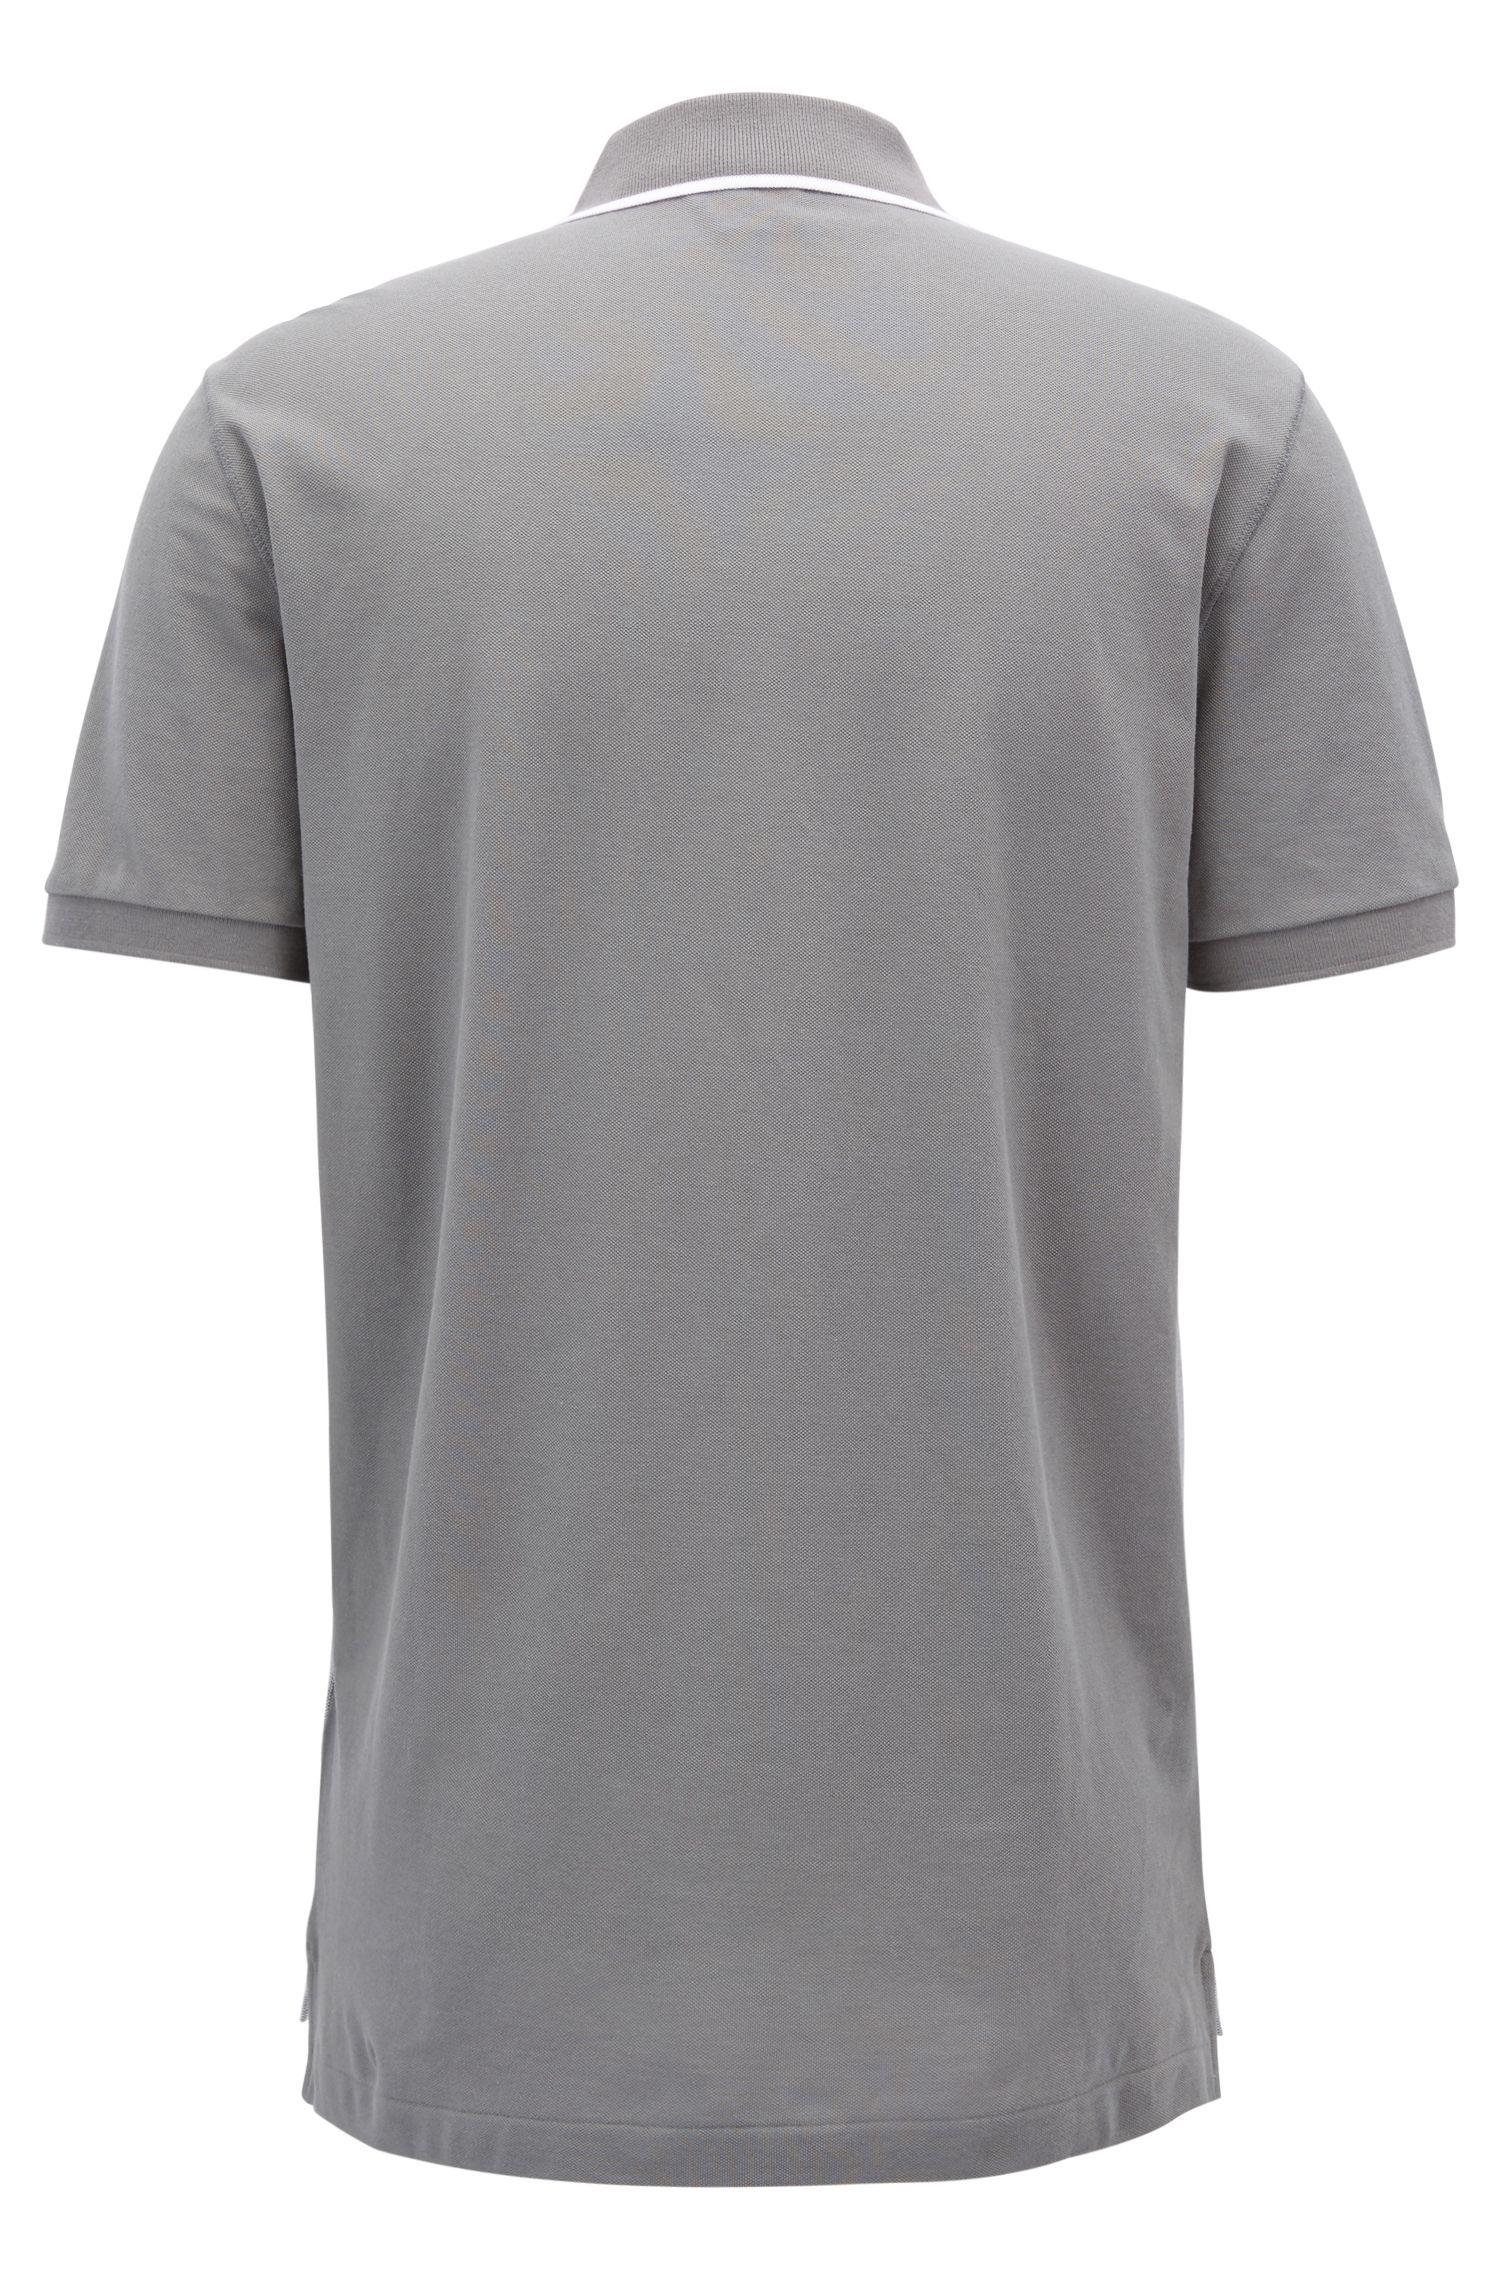 Poloshirt aus feiner Oxford-Baumwolle